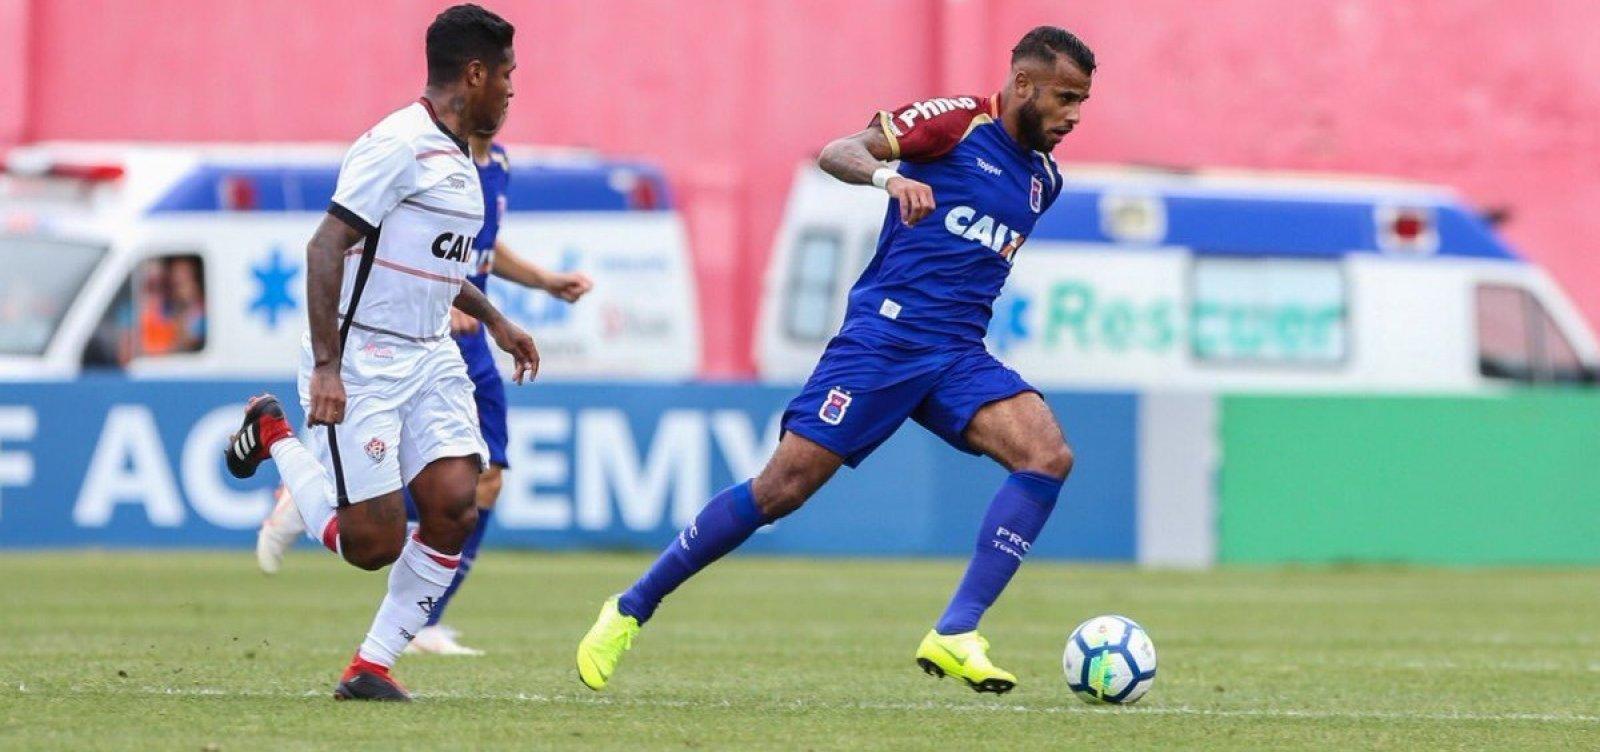 Vitória empata com o lanterna Paraná em 1 a 1 fora de casa